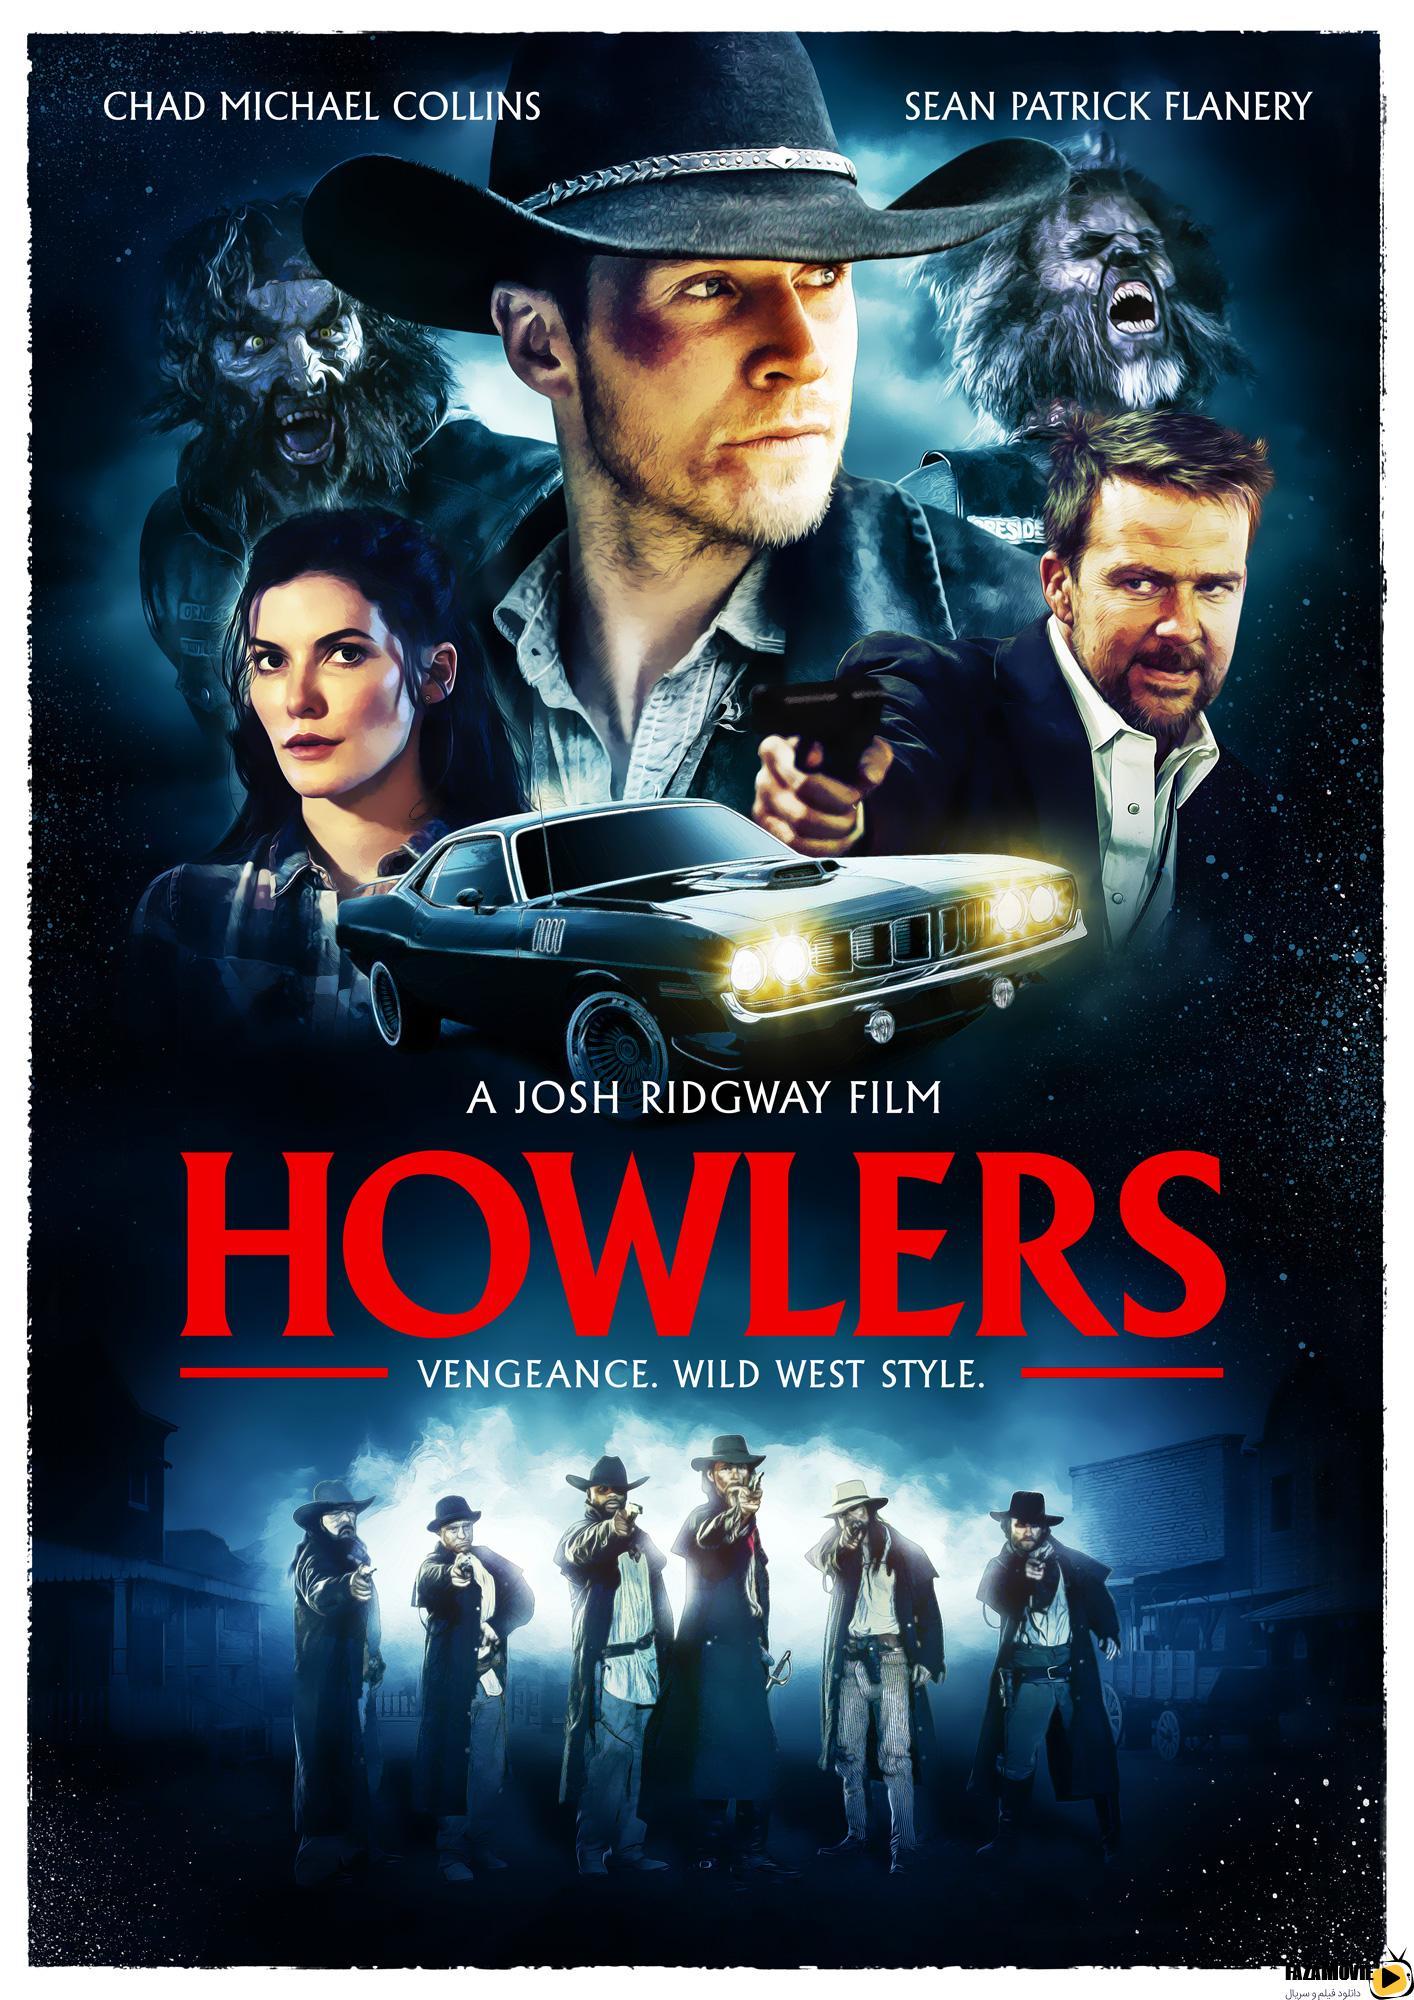 دانلود فیلم Howlers 2018 با زیرنویس فارسی چسبیده